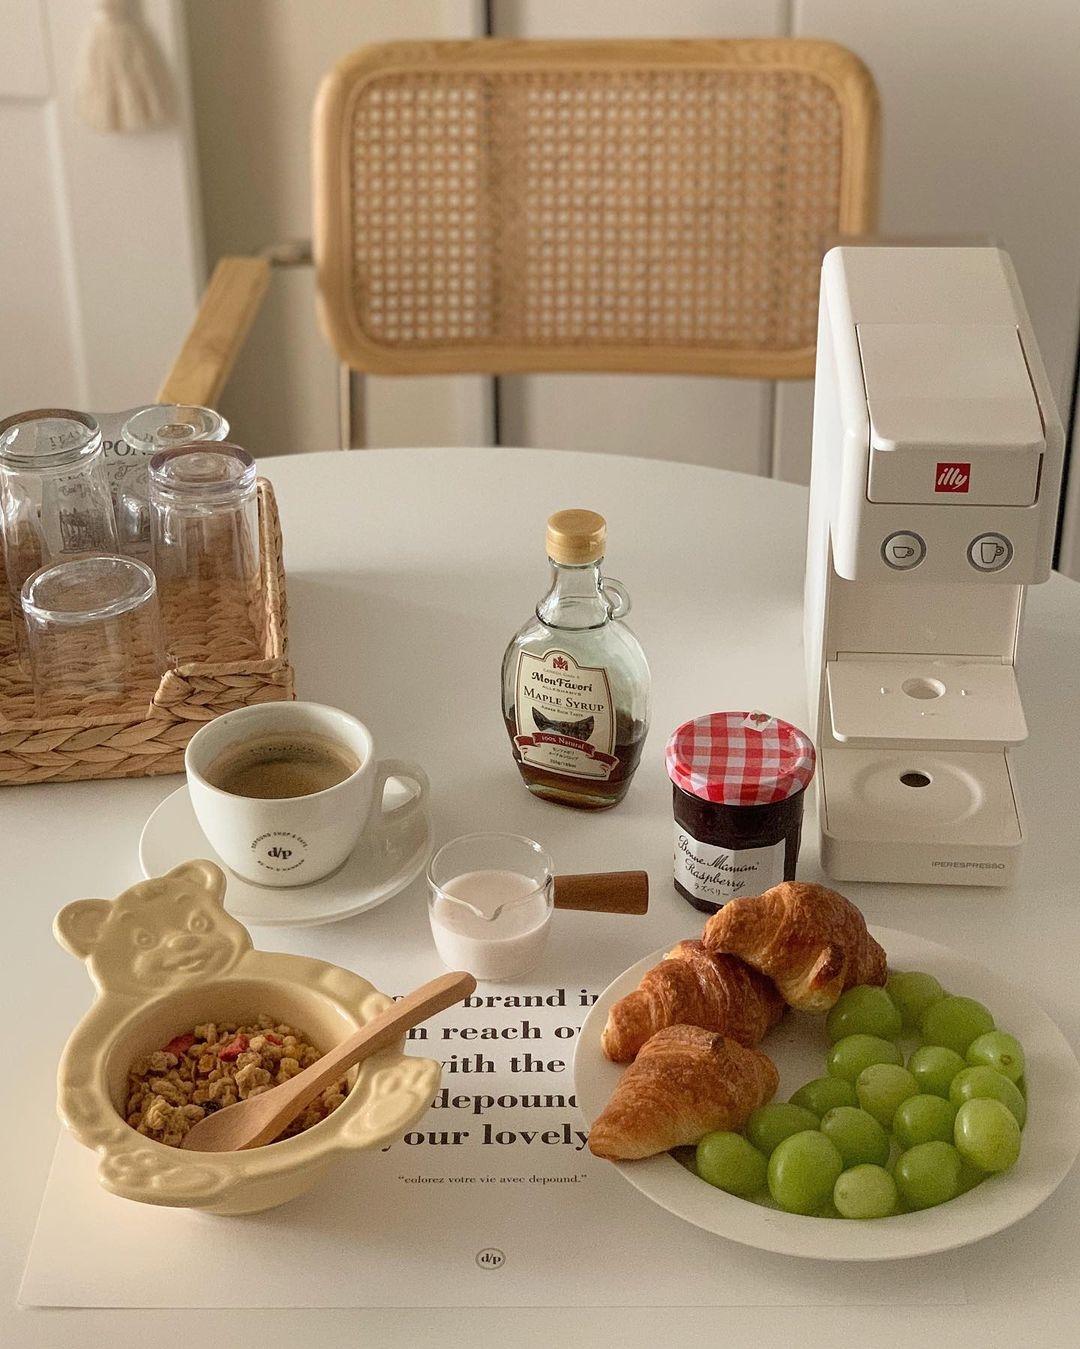 1.エスプレッソマシーンで贅沢な朝食シーンを